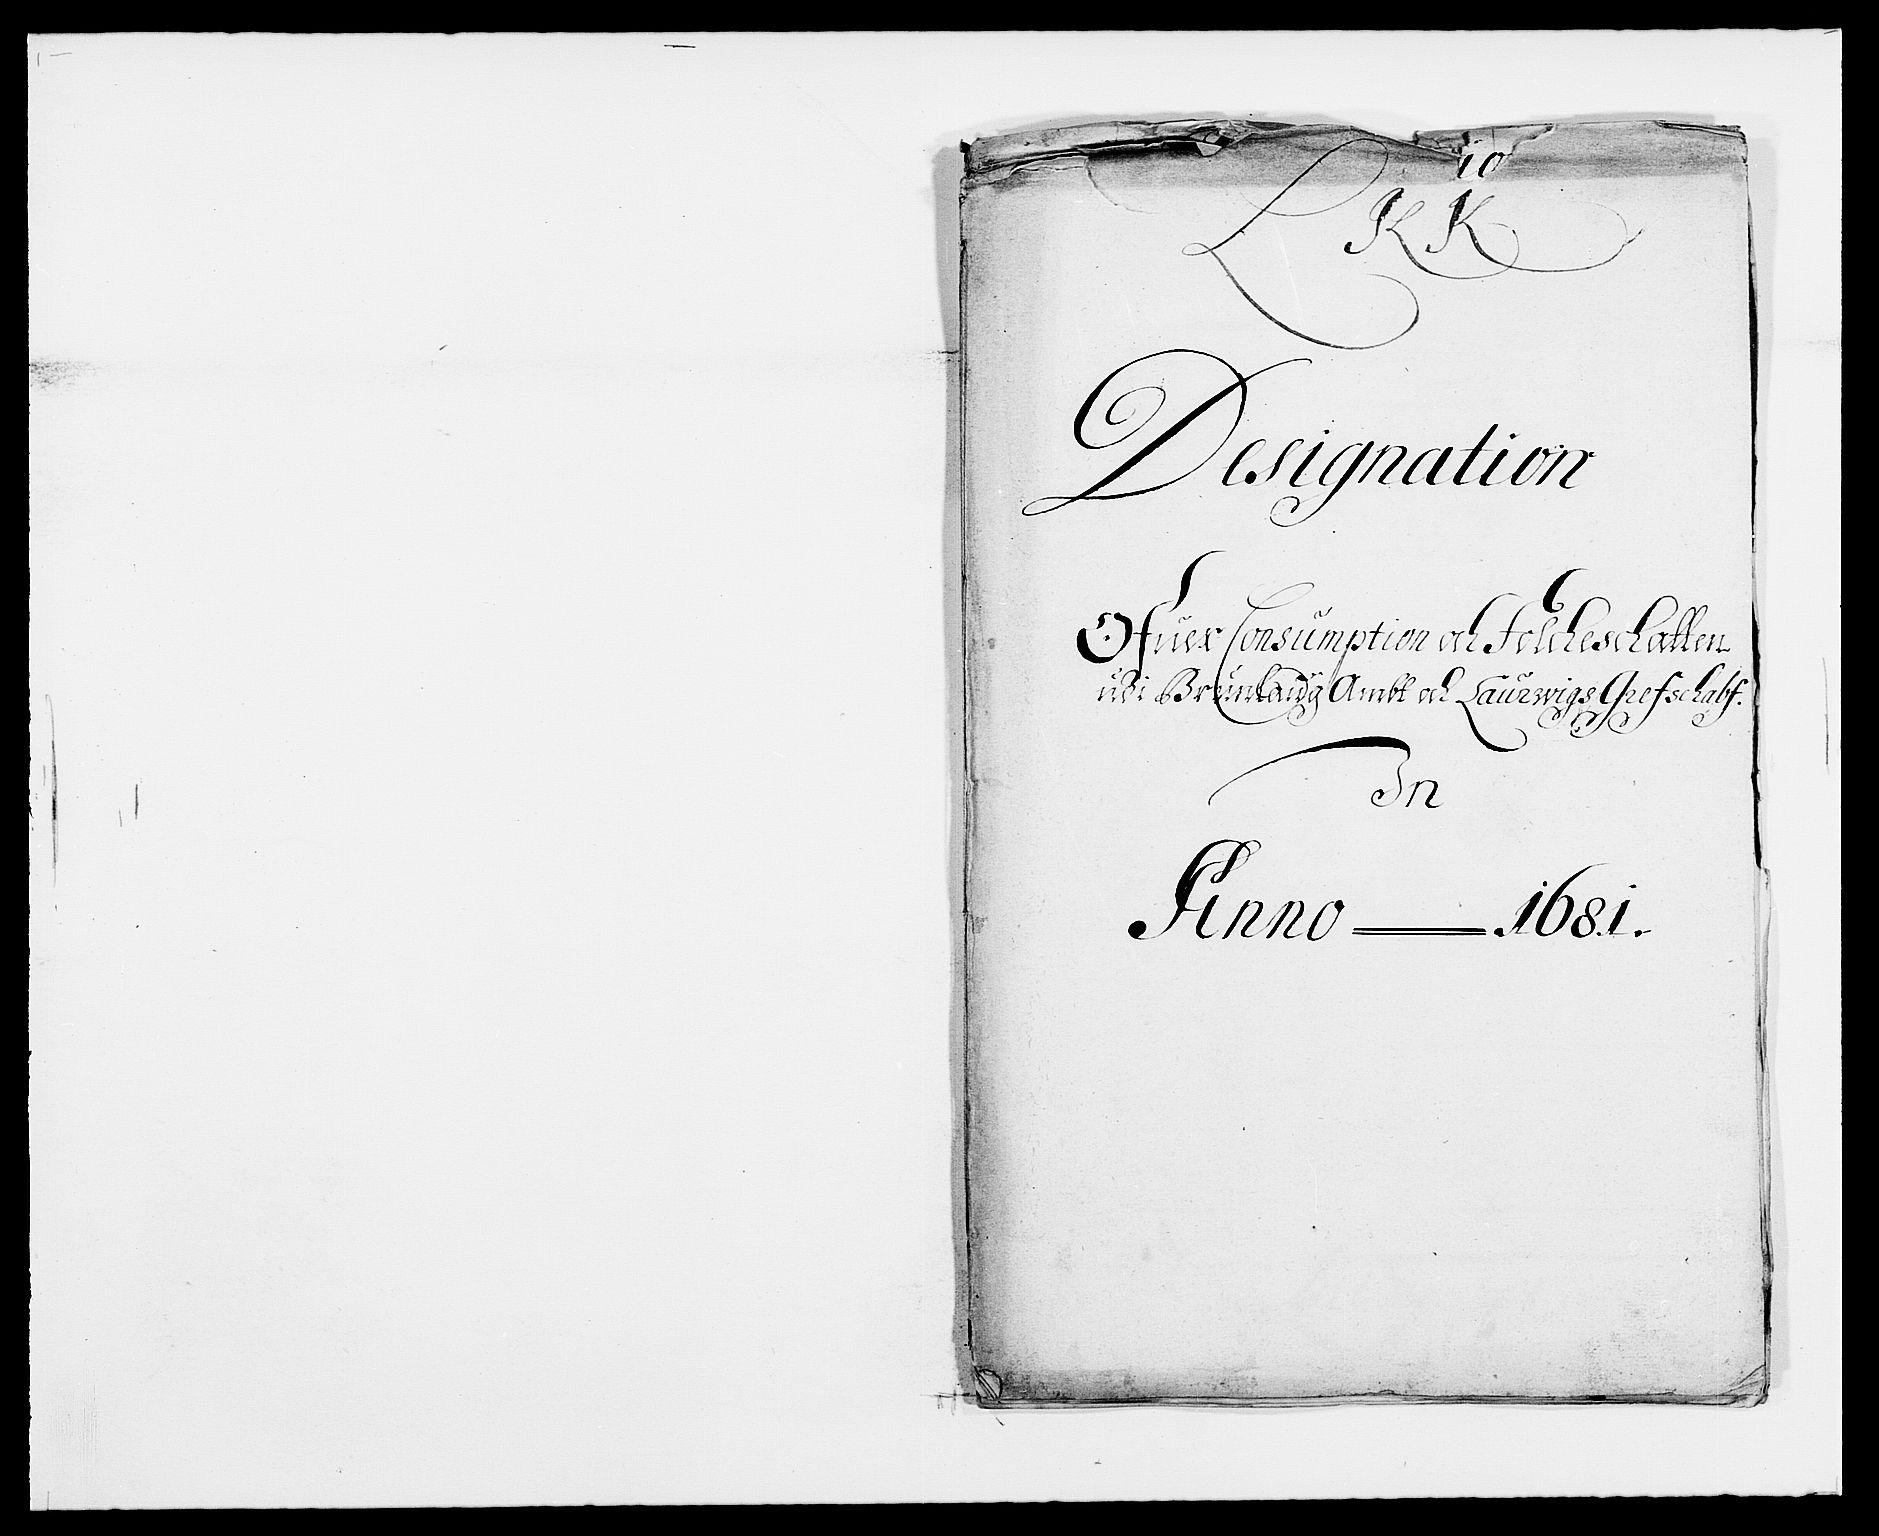 RA, Rentekammeret inntil 1814, Reviderte regnskaper, Fogderegnskap, R33/L1969: Fogderegnskap Larvik grevskap, 1675-1687, s. 83